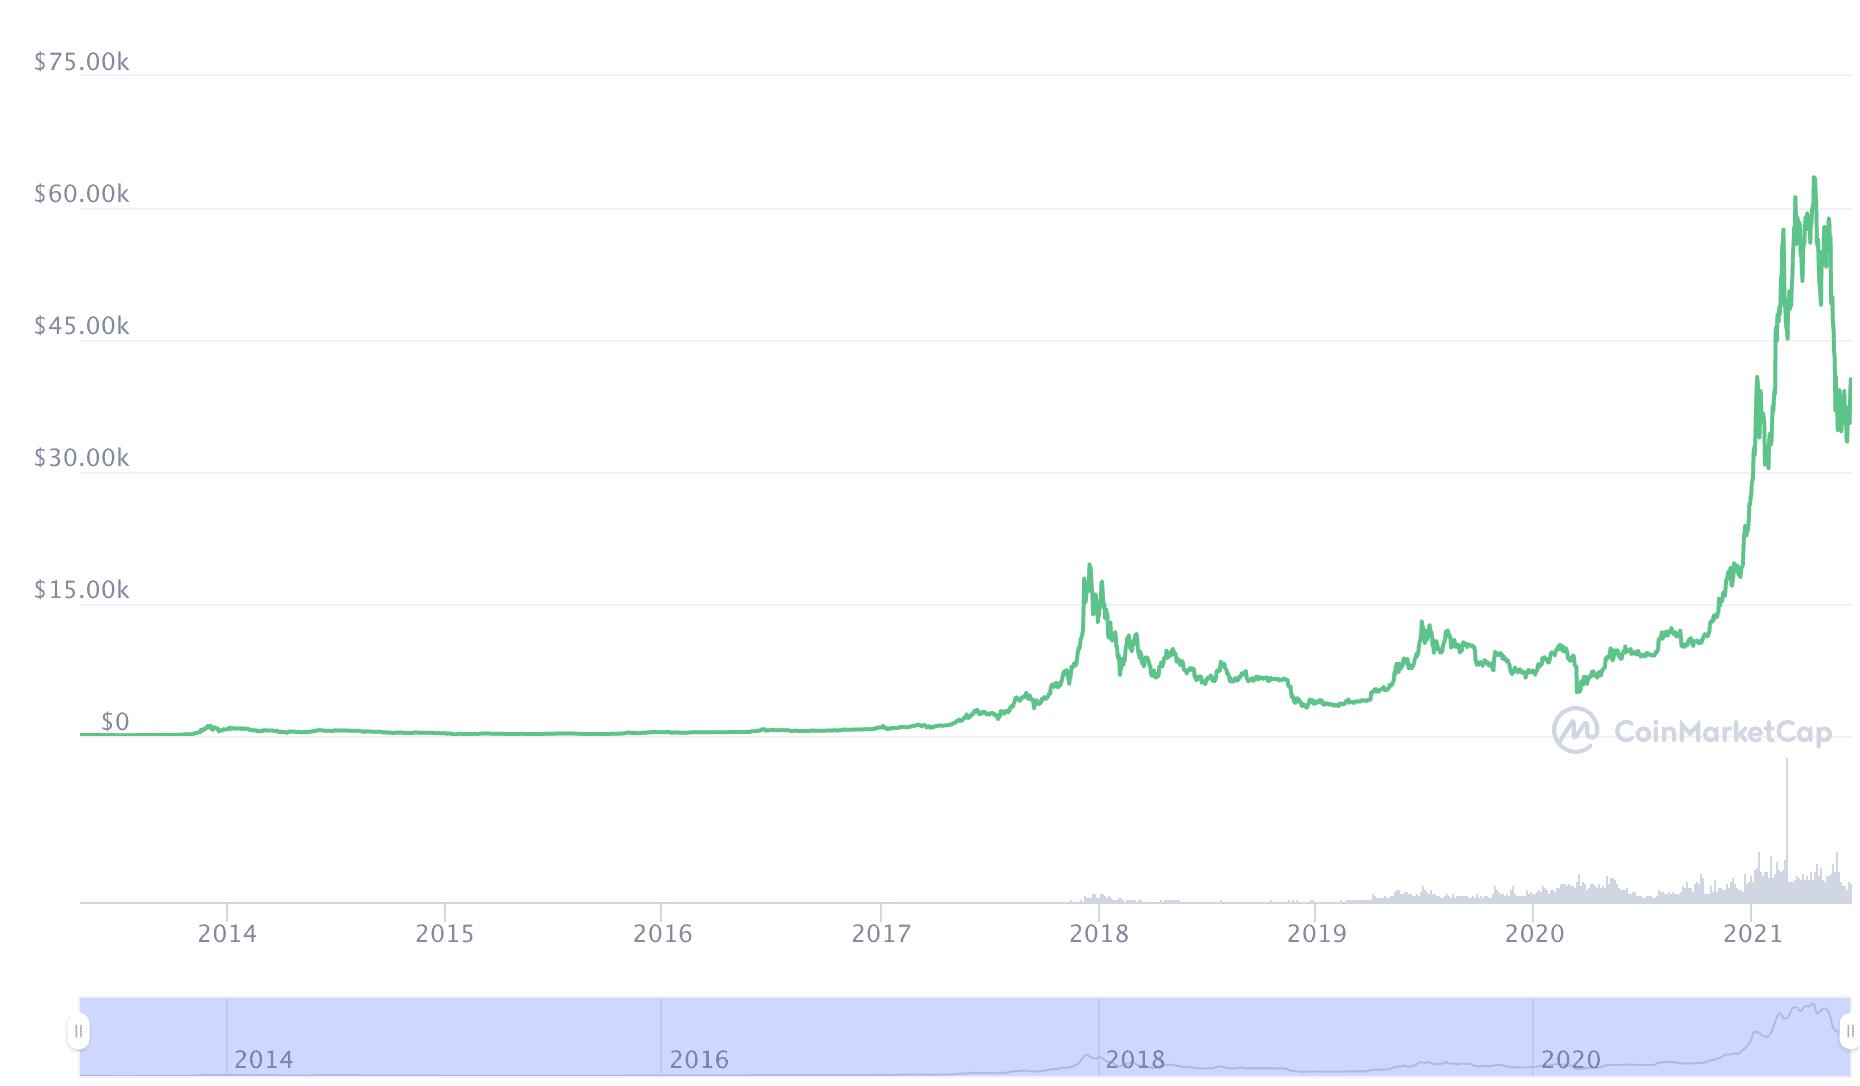 Bitcoin erholt sich nach der Korrektur nur leicht